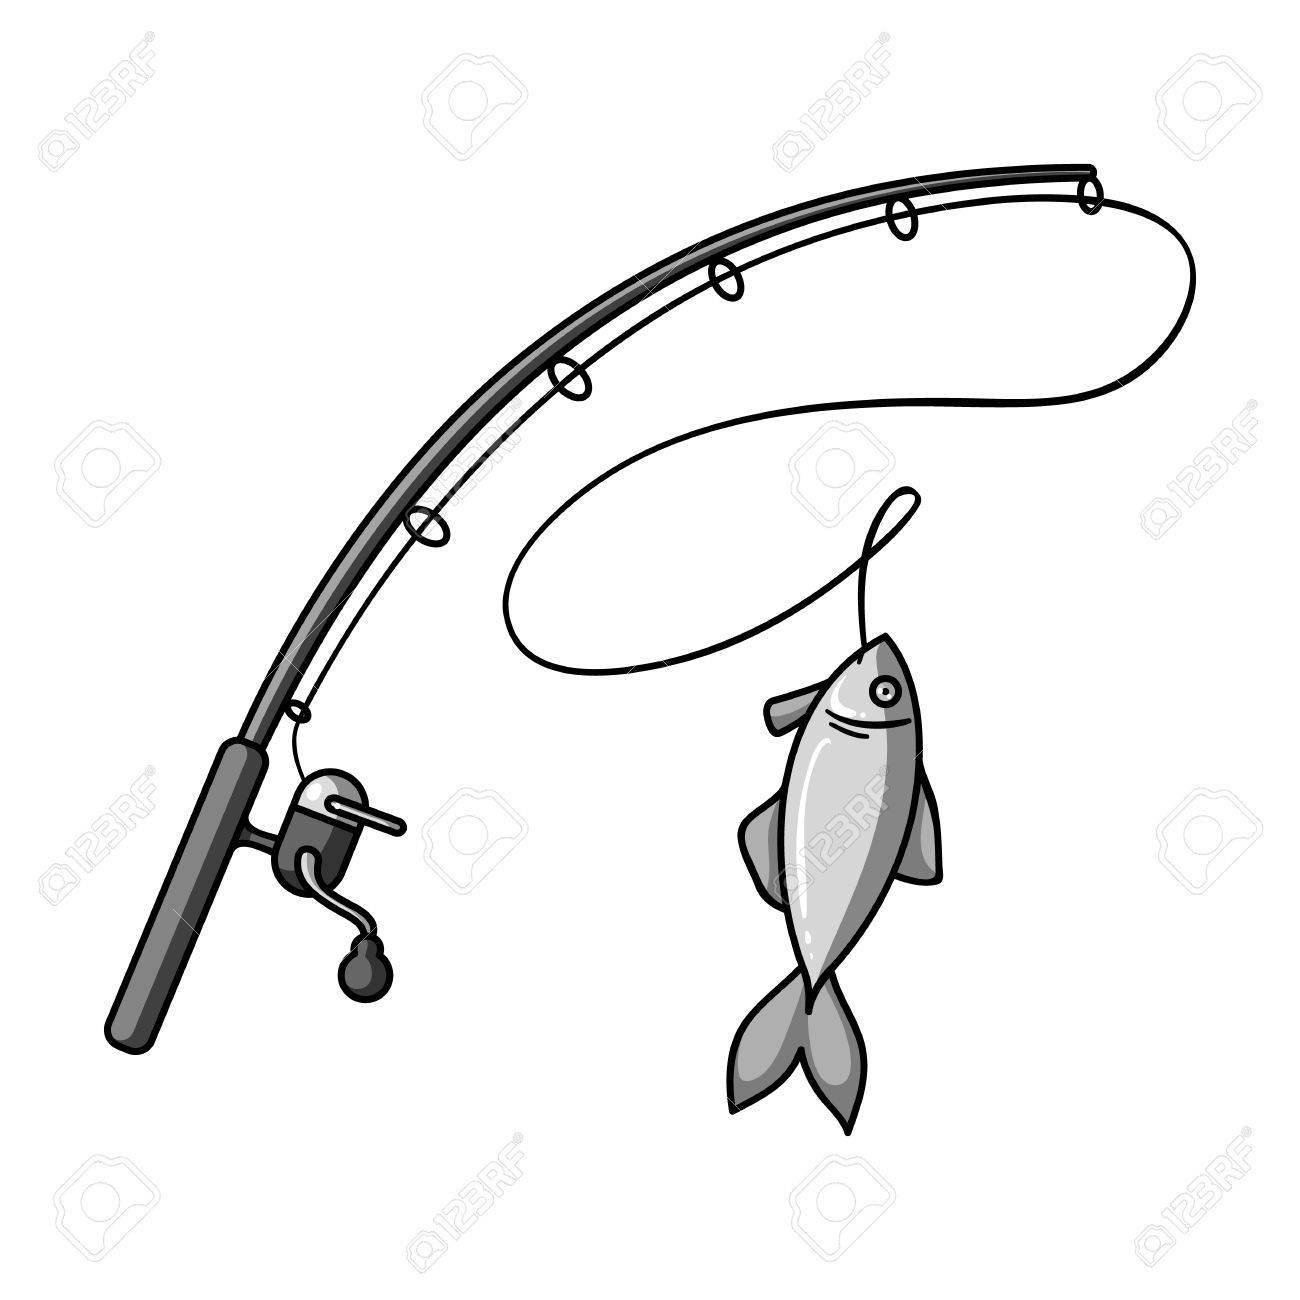 Caña De Pescar Y Peces Icono De Estilo En Blanco Y Negro Aislado En